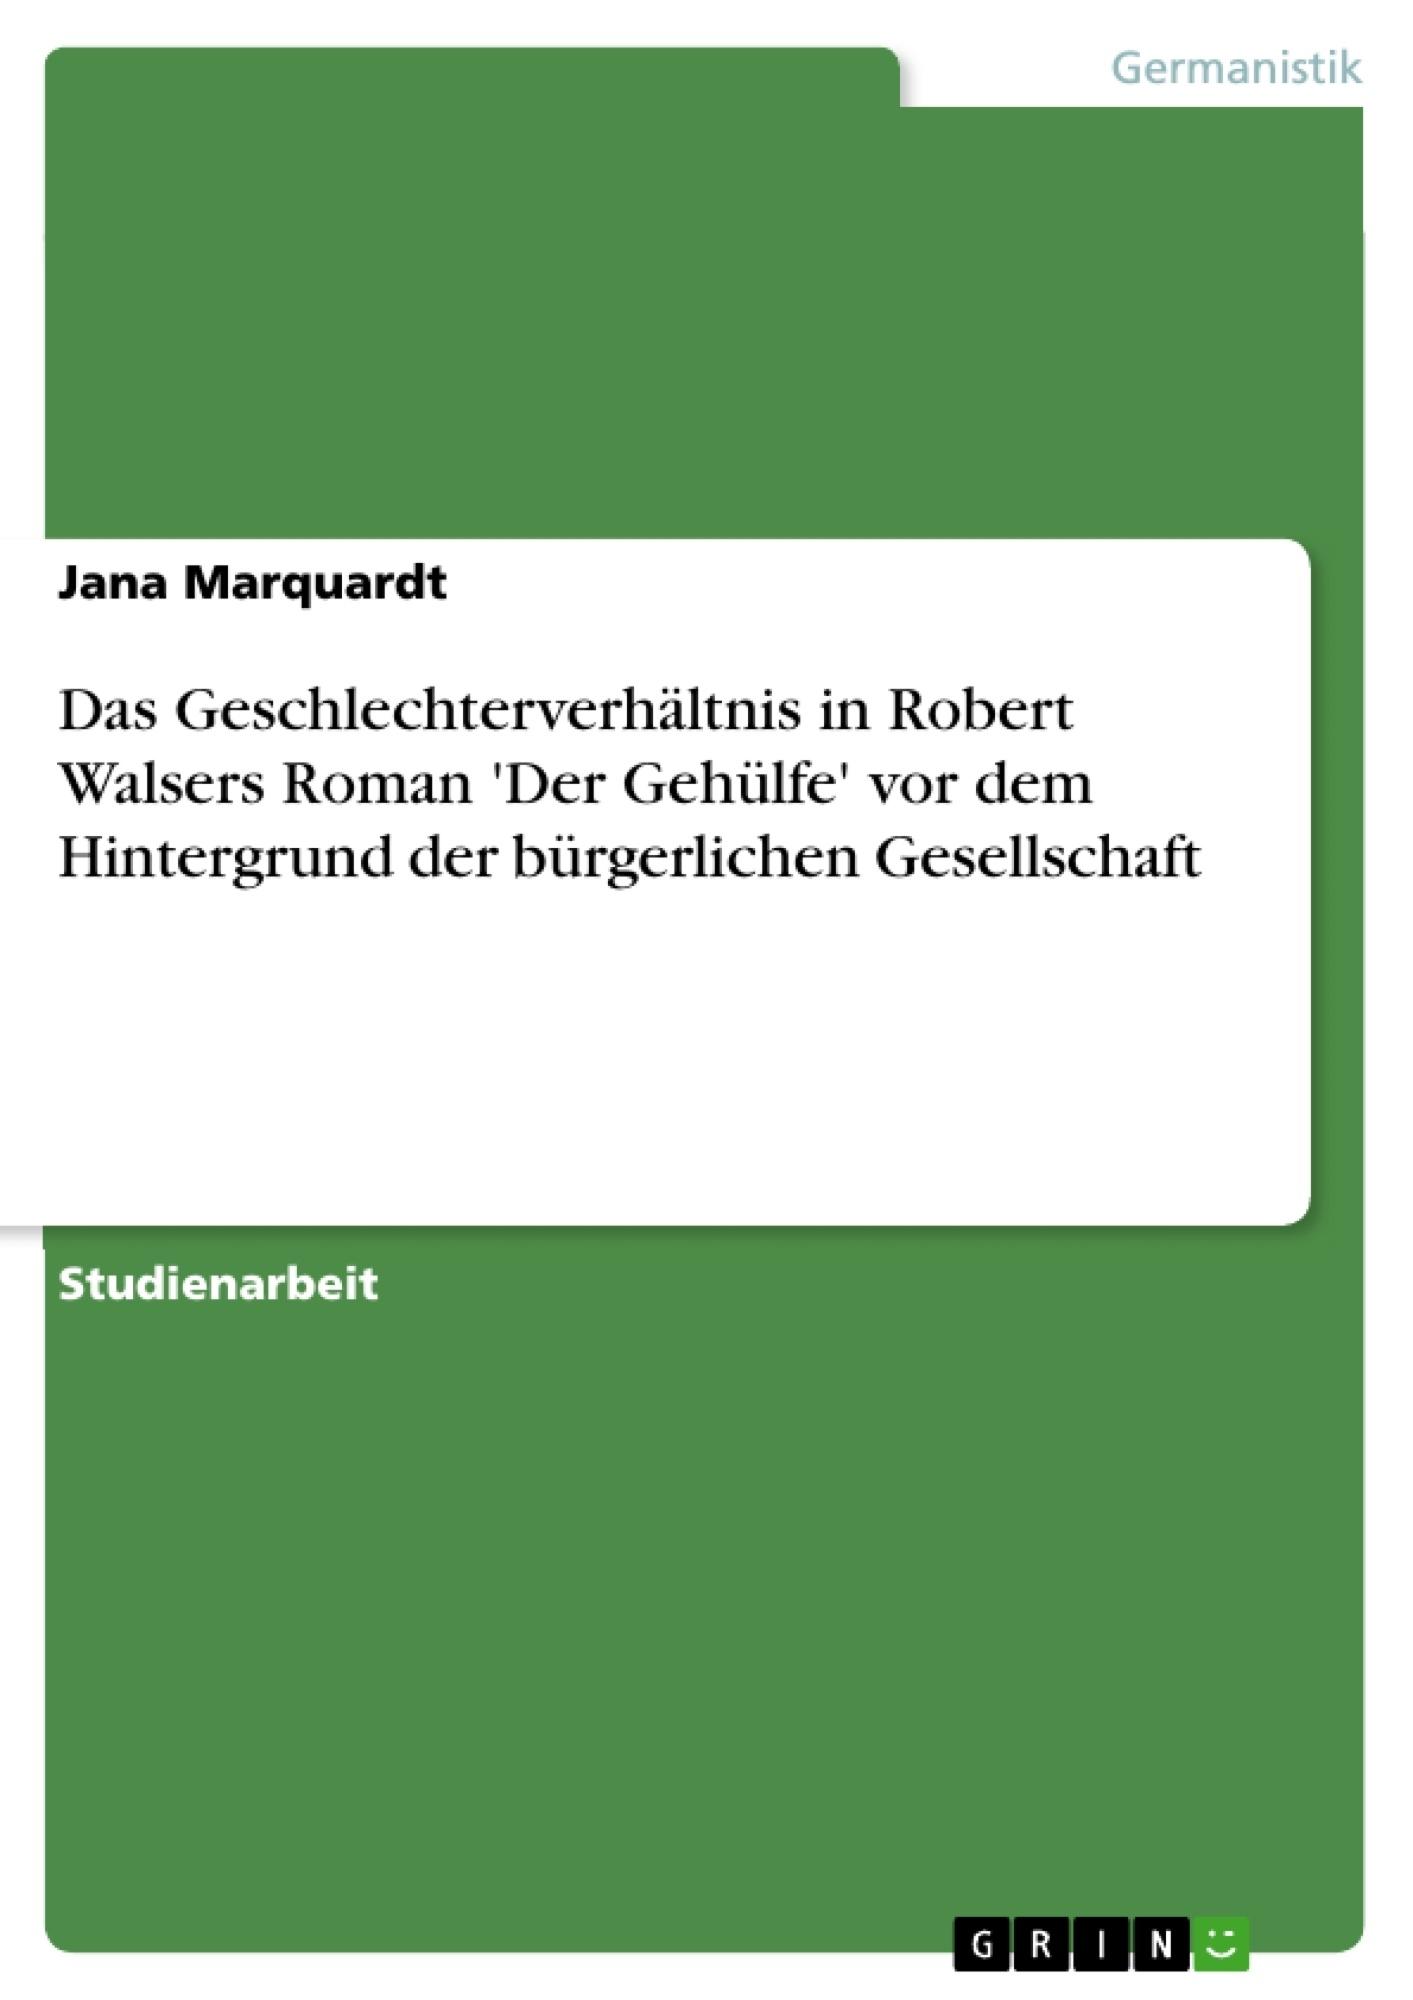 Titel: Das Geschlechterverhältnis in Robert Walsers Roman 'Der Gehülfe' vor dem Hintergrund der bürgerlichen Gesellschaft